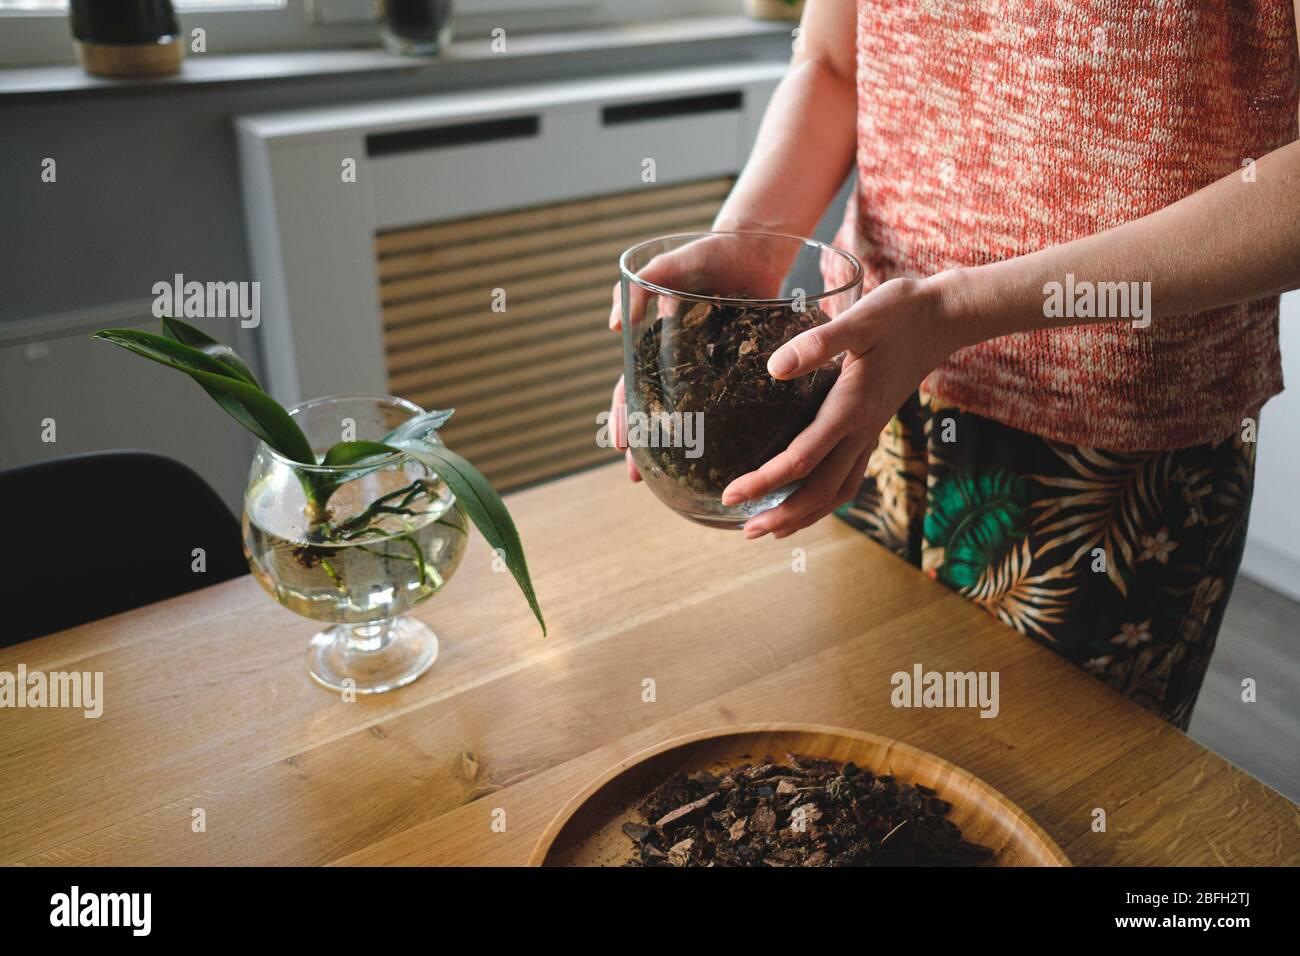 Nahaufnahme Hände der Frau Pflanzen eine Orchideenblume im Haus auf einem Holztisch im Wohnzimmer Stockfoto